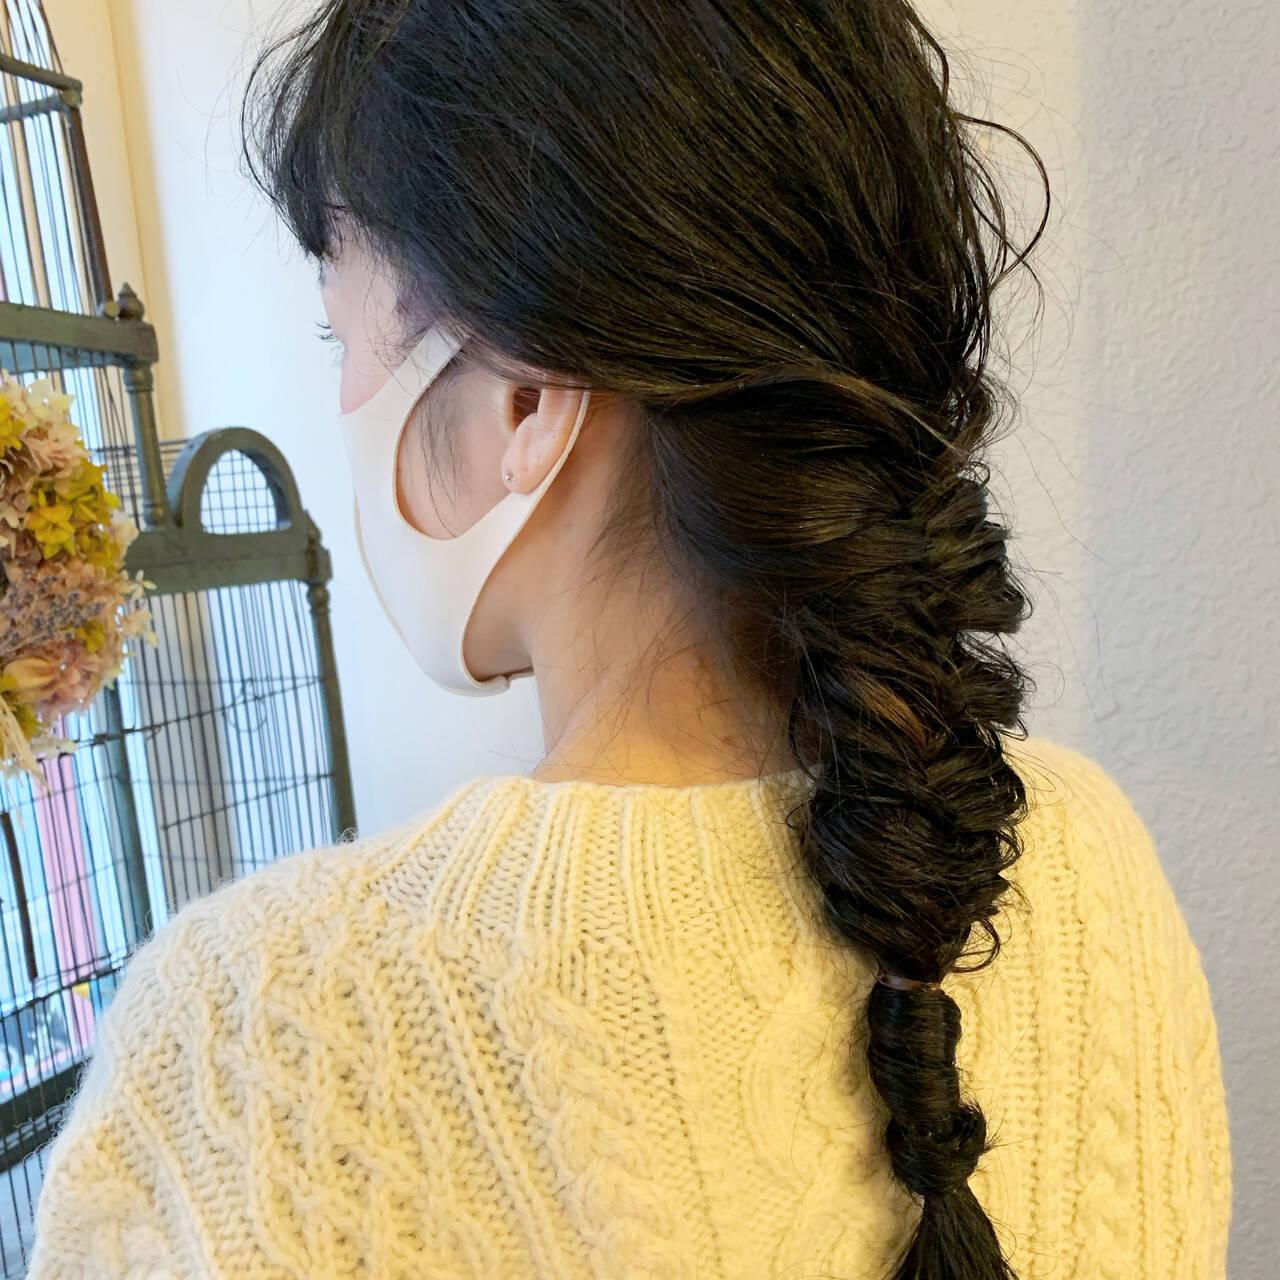 ロング パーマ 編みおろし 簡単ヘアアレンジヘアスタイルや髪型の写真・画像